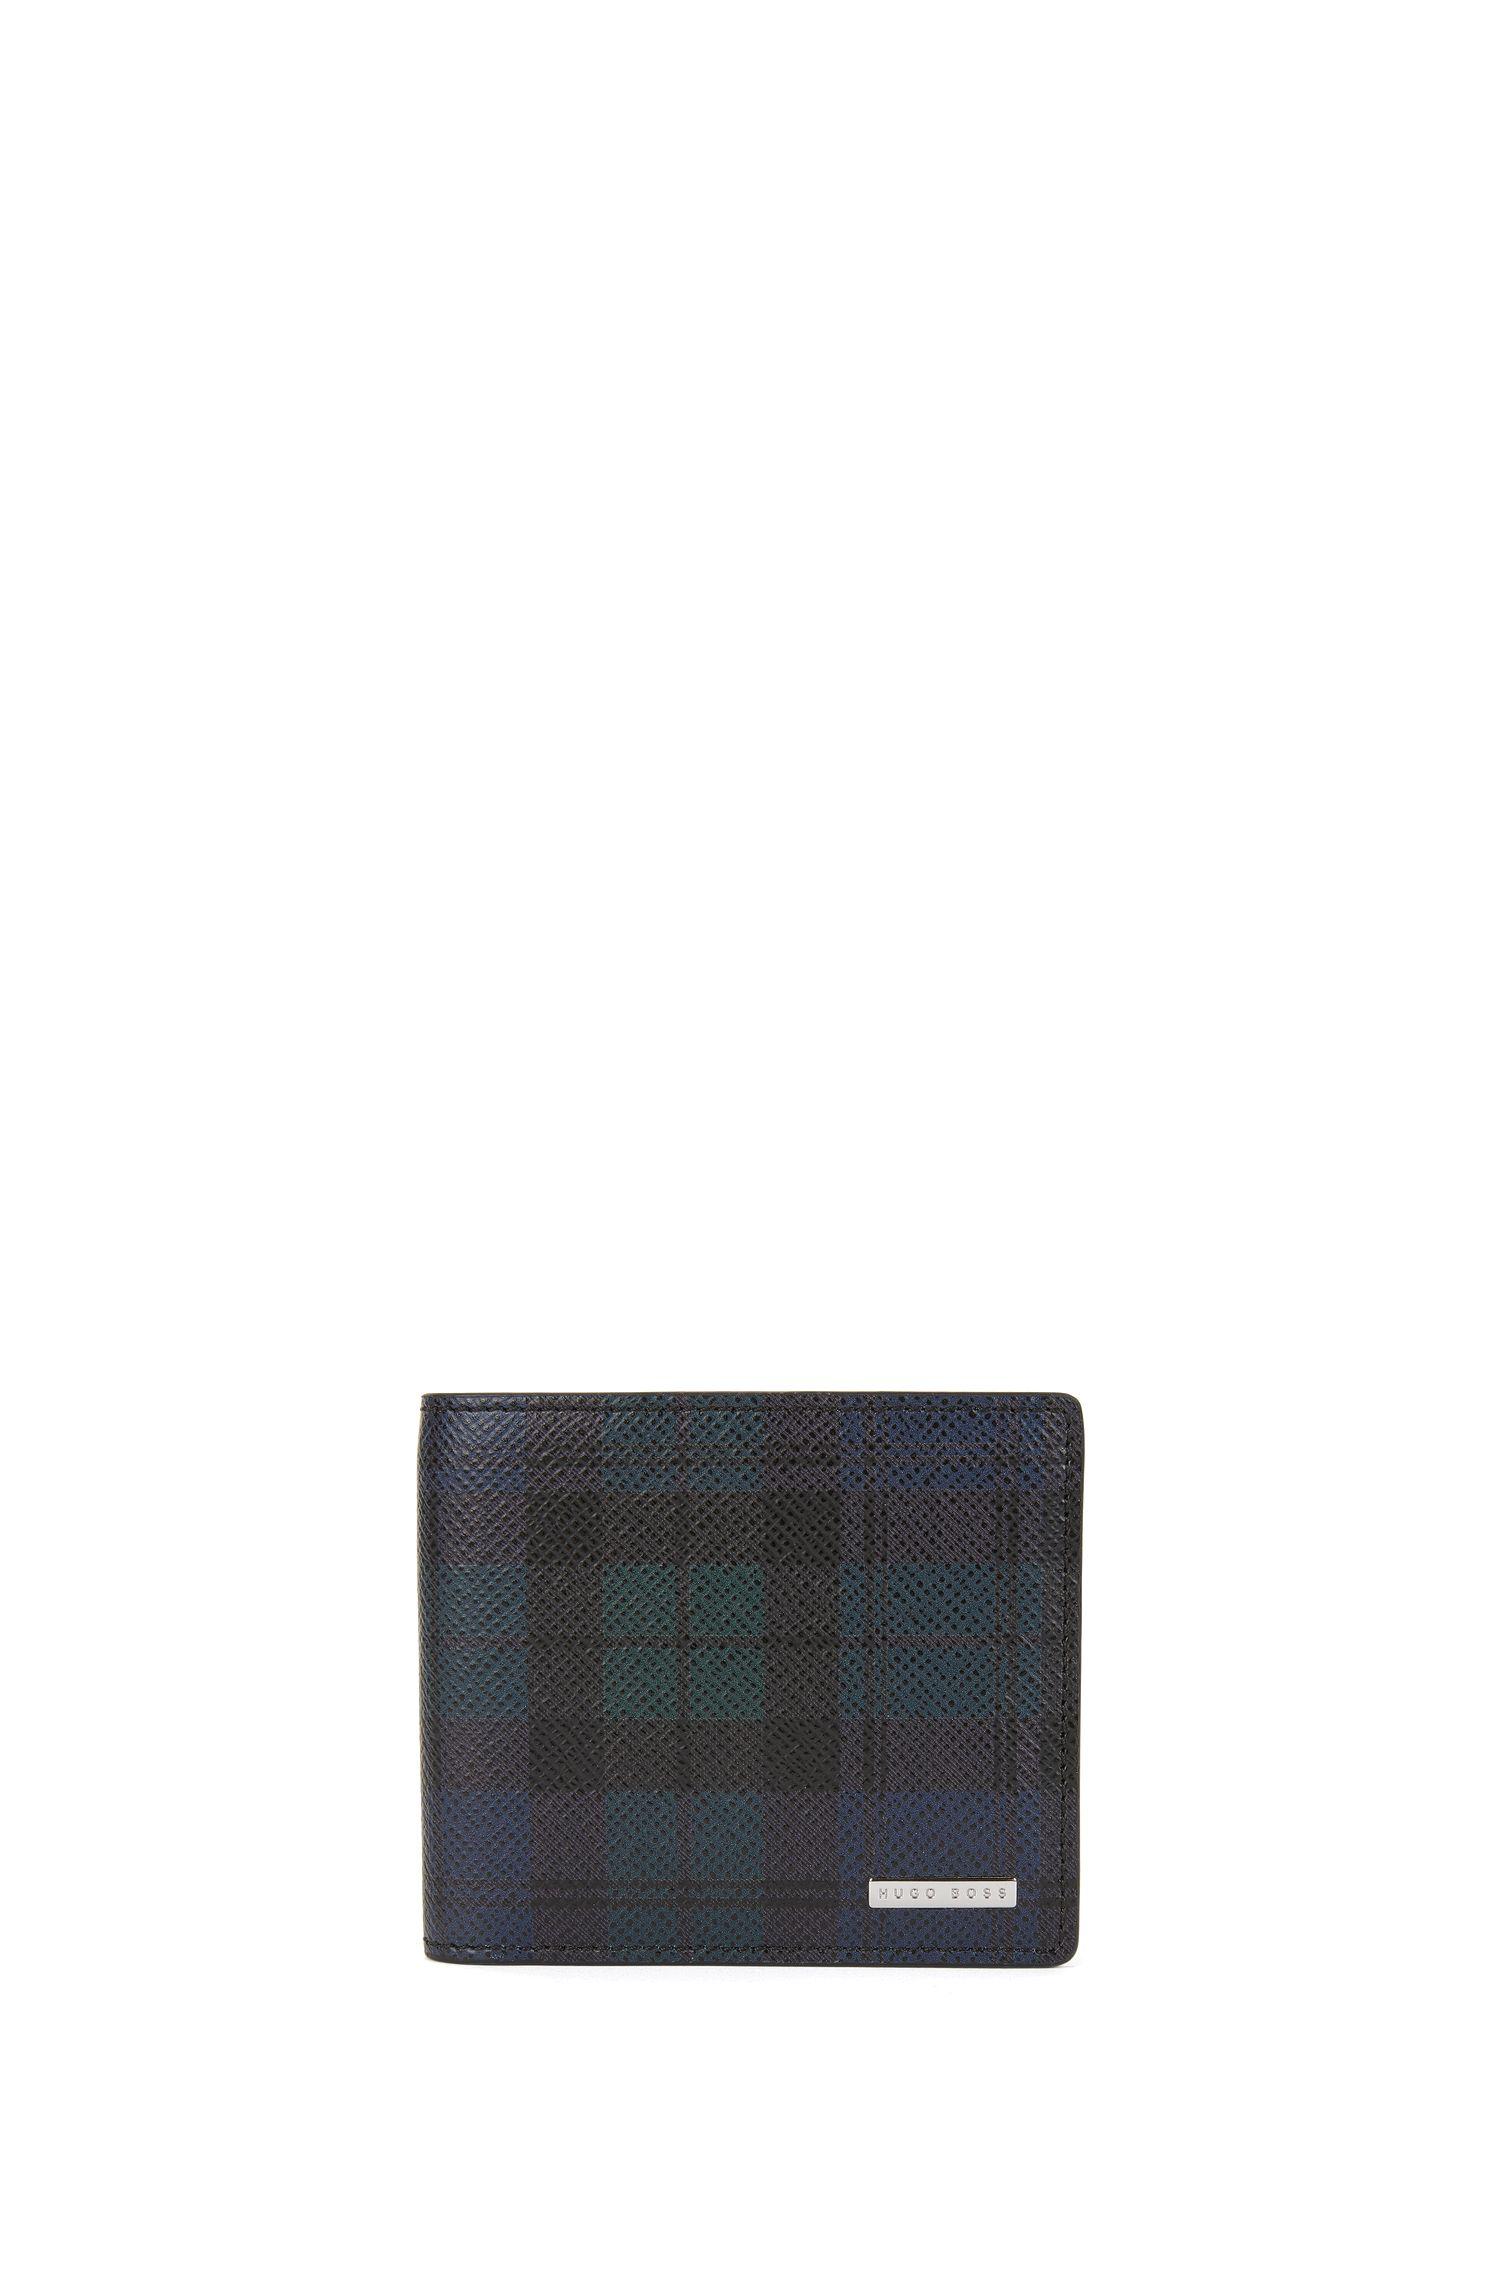 Portafoglio bi-fold della collezione Signature in pelle palmellata stampata con otto scomparti per le carte